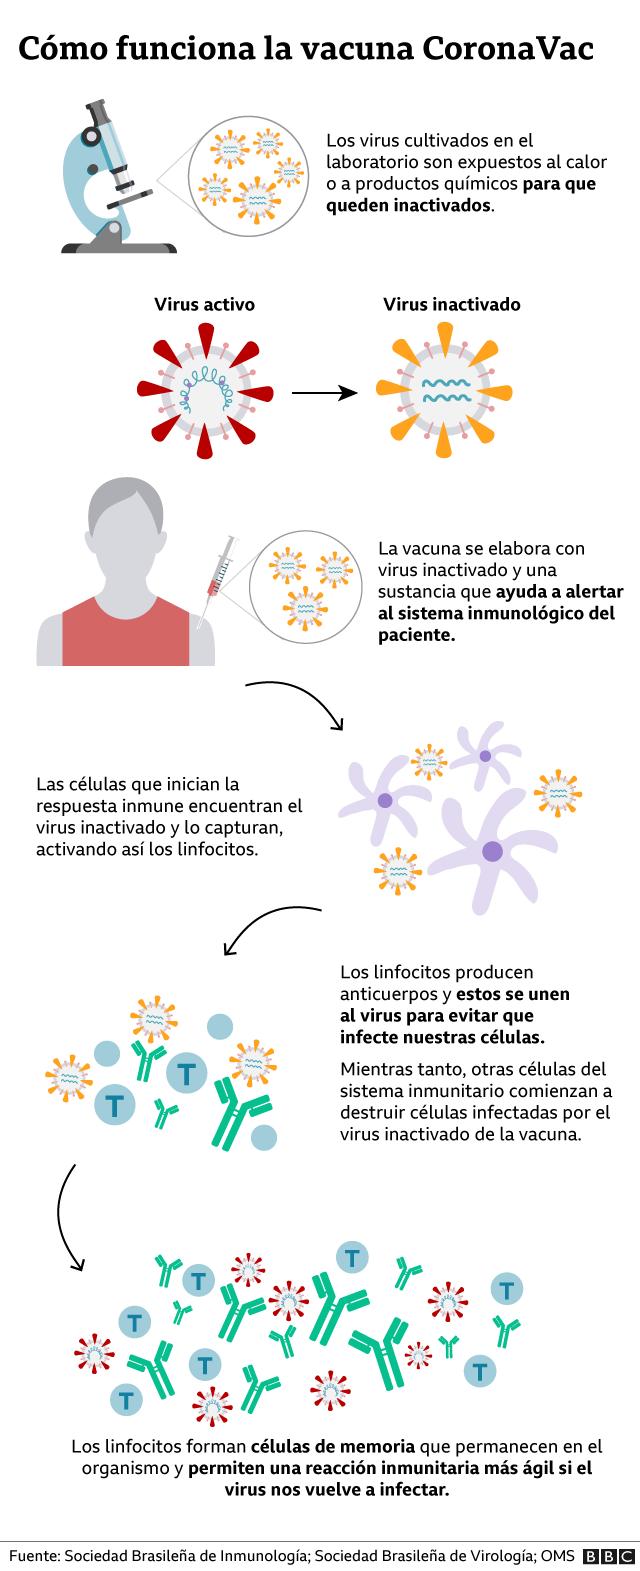 gráfico de cómo funciona la vacuna CoronaVac